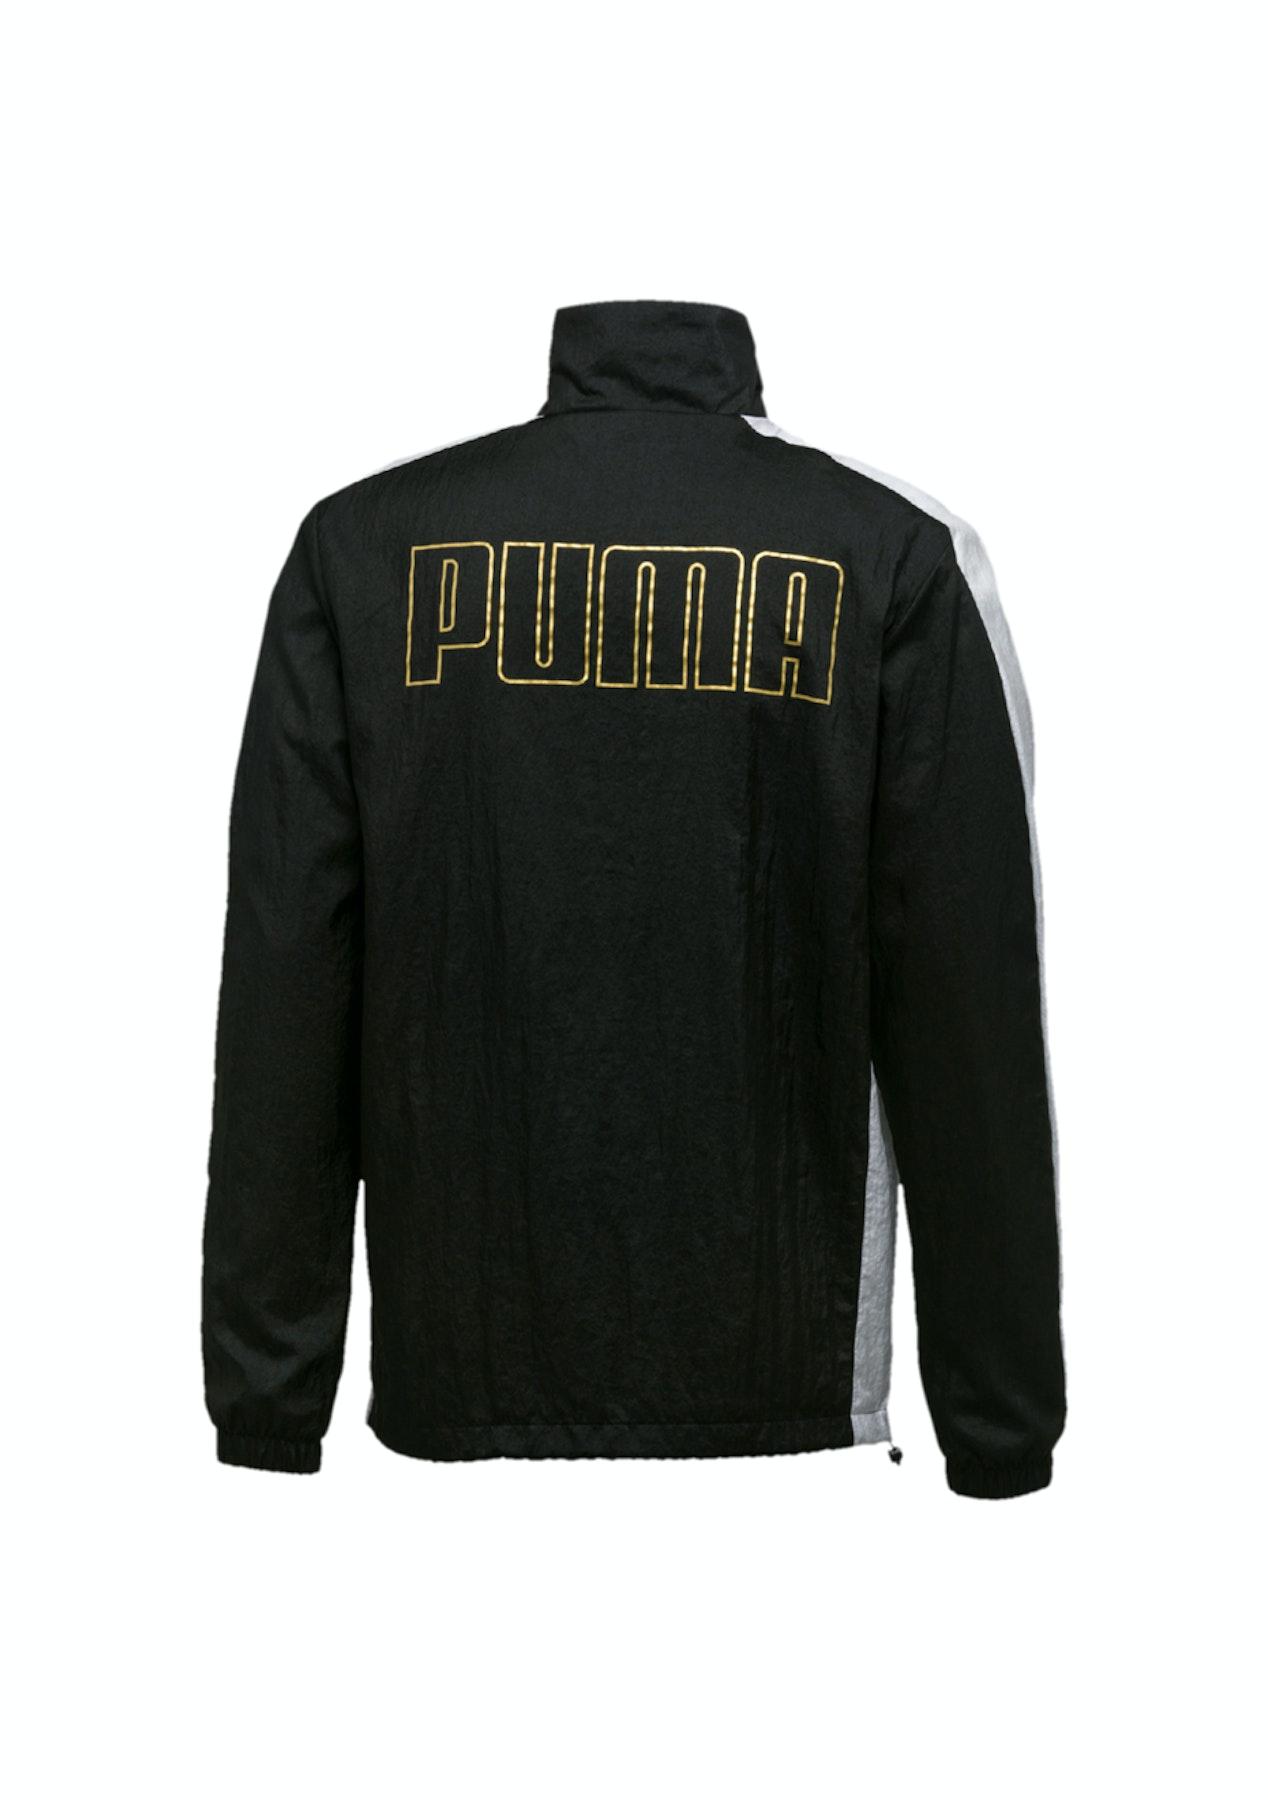 50a3d6877bfa Puma - Men s T7 Bboy Track Jacket - Black White - Big Brand Mens Outlet -  Onceit